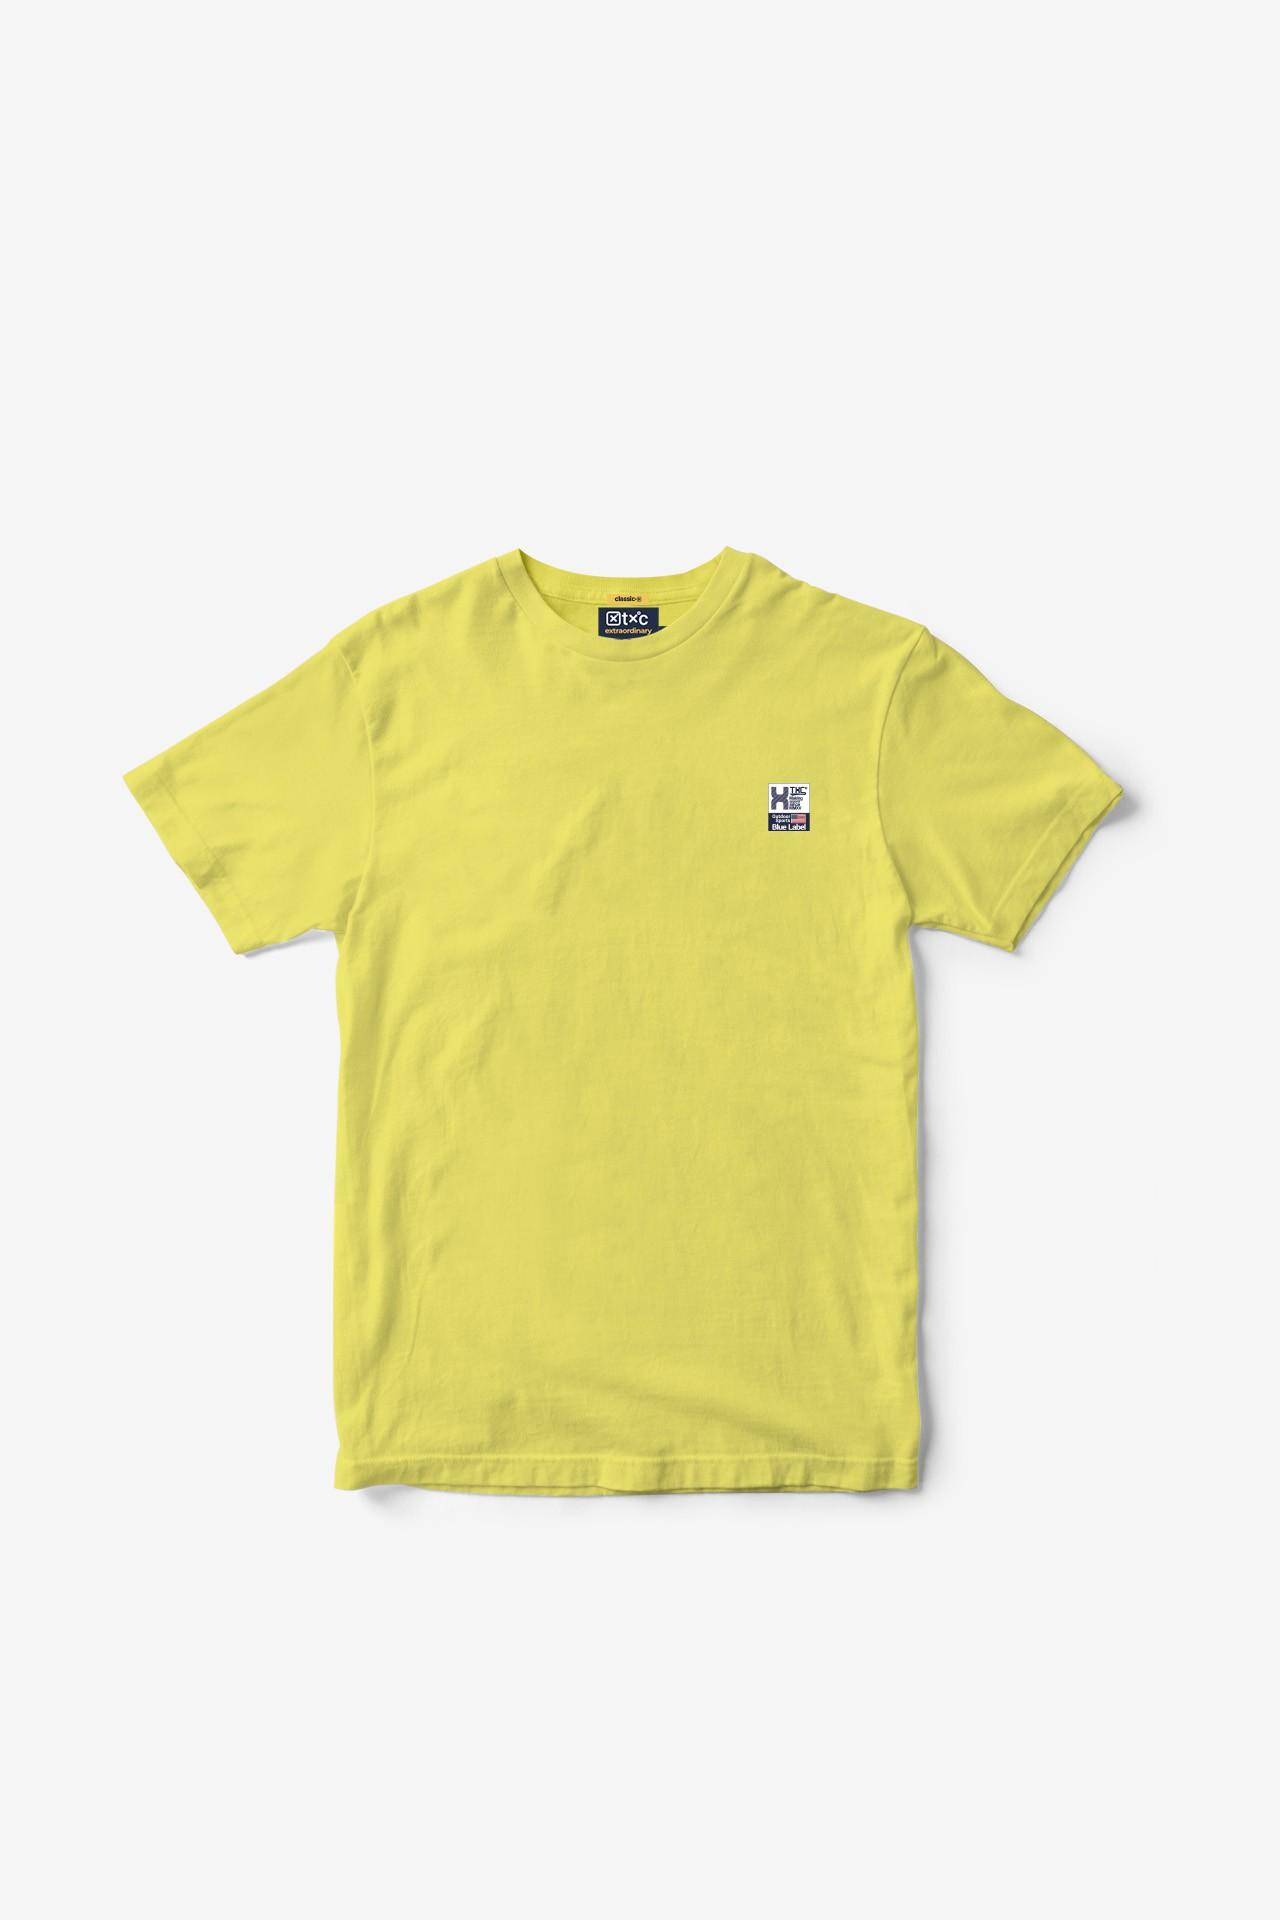 Camiseta TXC Brand 19098